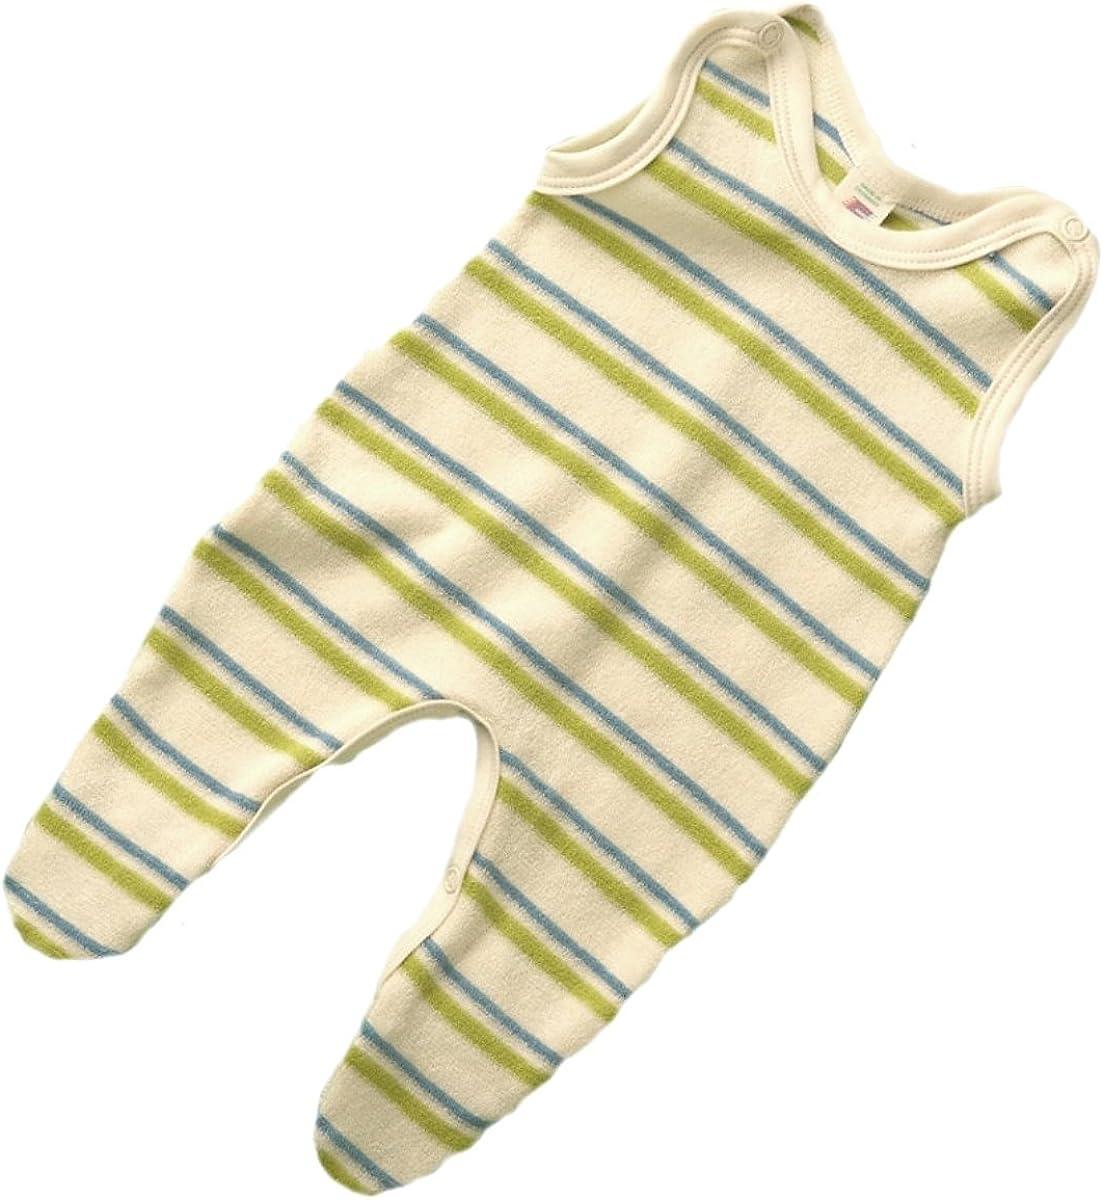 Engel Naturtextilien Baby Einteiliger Schlafanzug mit Fu/ß Naturtextilien Baumwolle